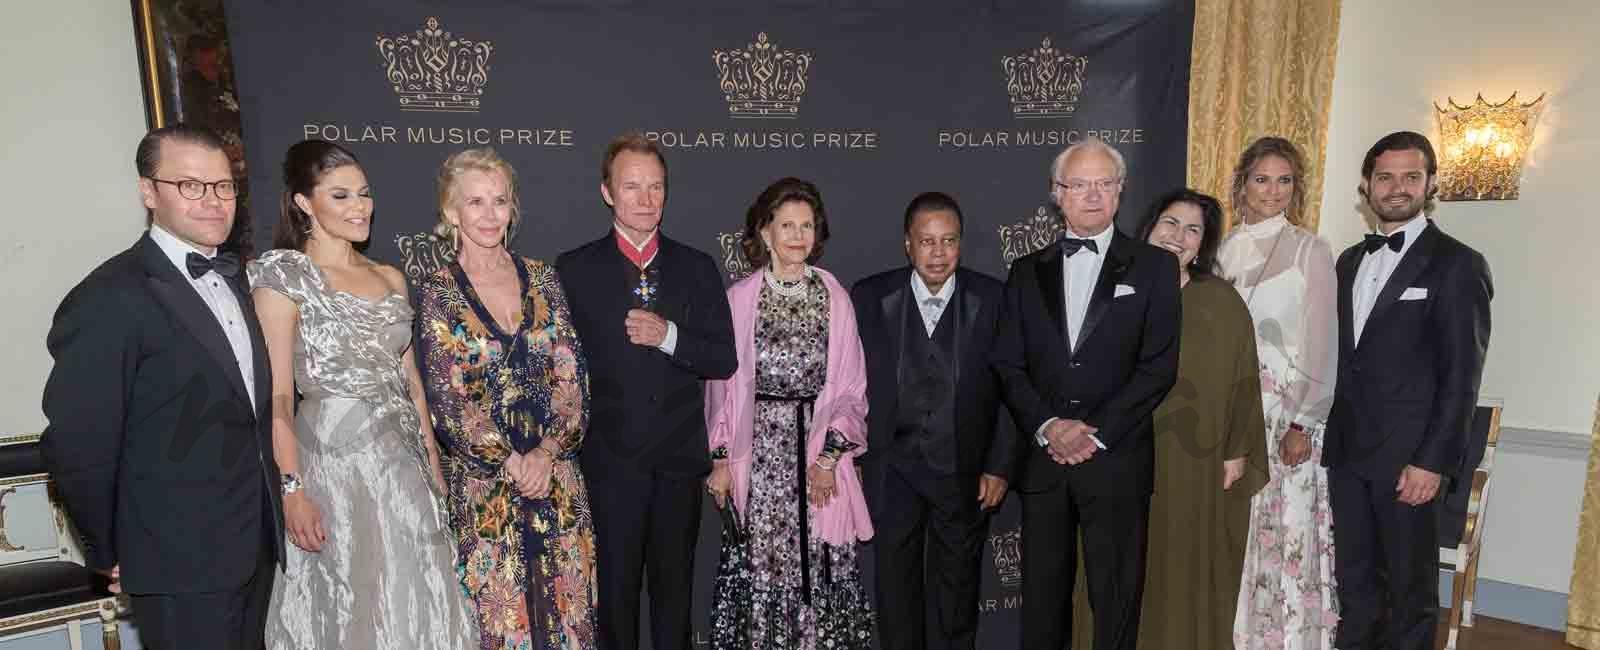 La familia real sueca se viste de gala para entregar los «Polar Music Prize»